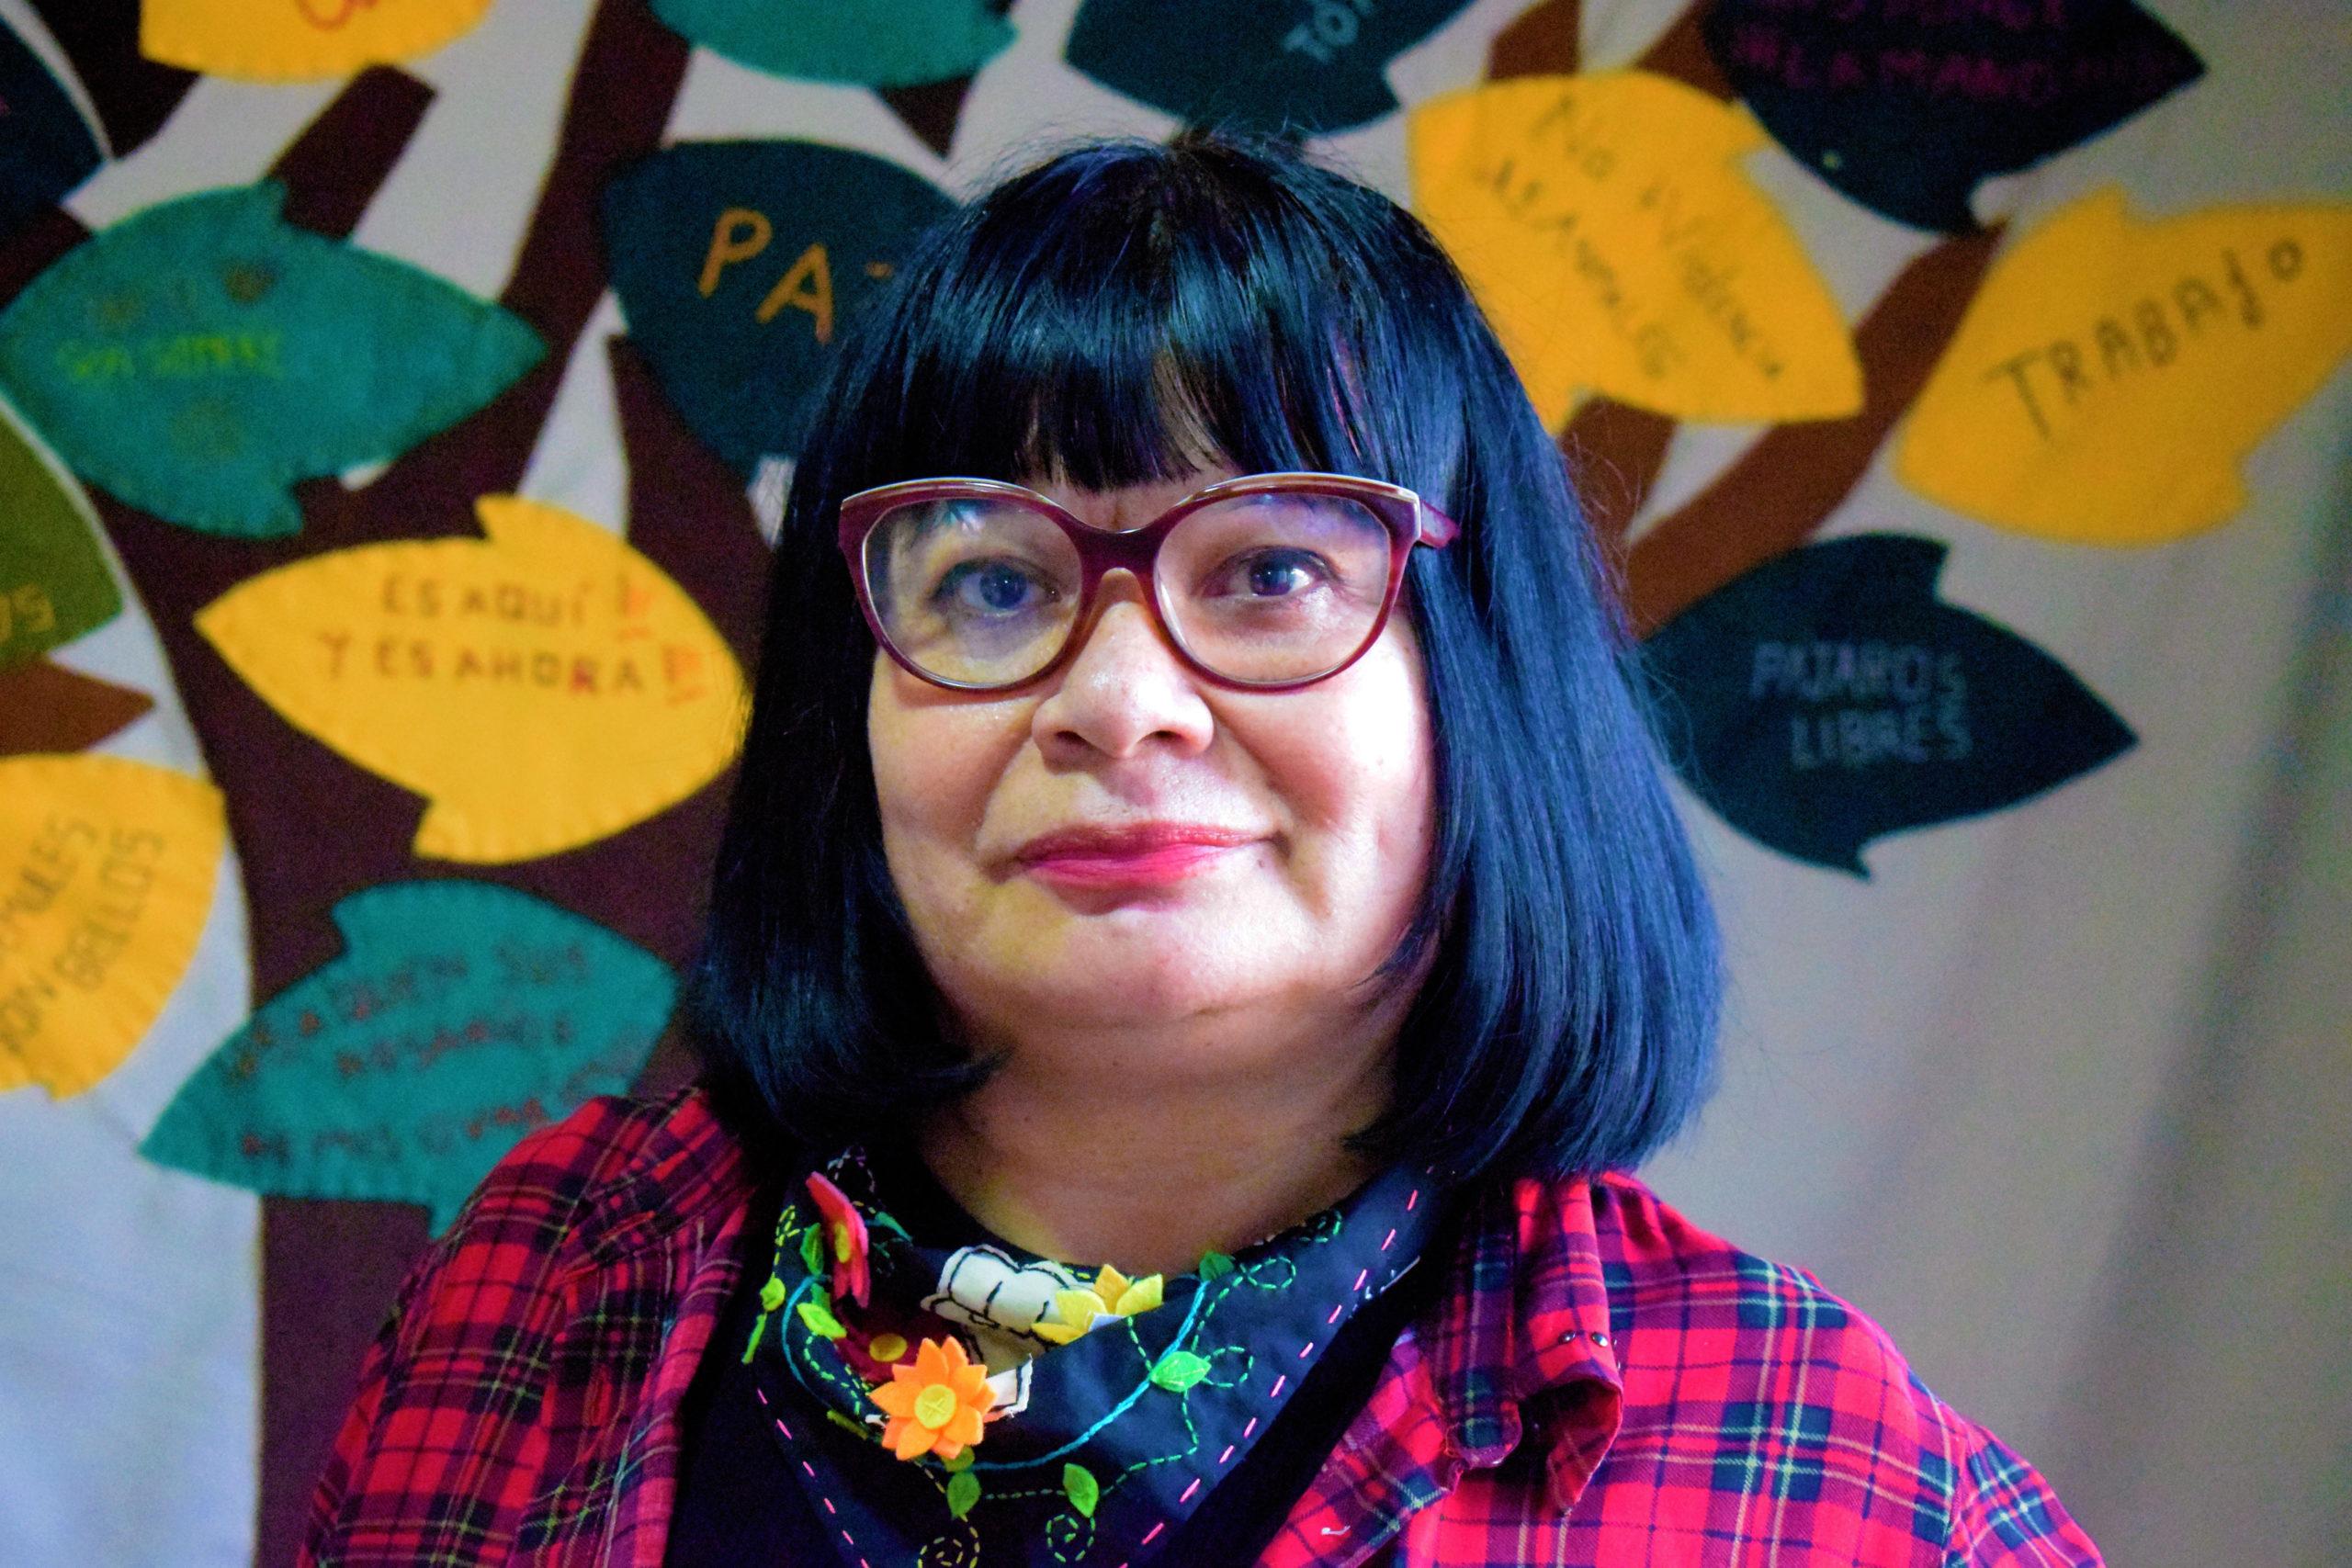 A historiadora e professora chilena Cynthia Imaña é diretora do coletivo Memorarte: Arpilleras Urbana (foto: acervo pessoal/divulgação)